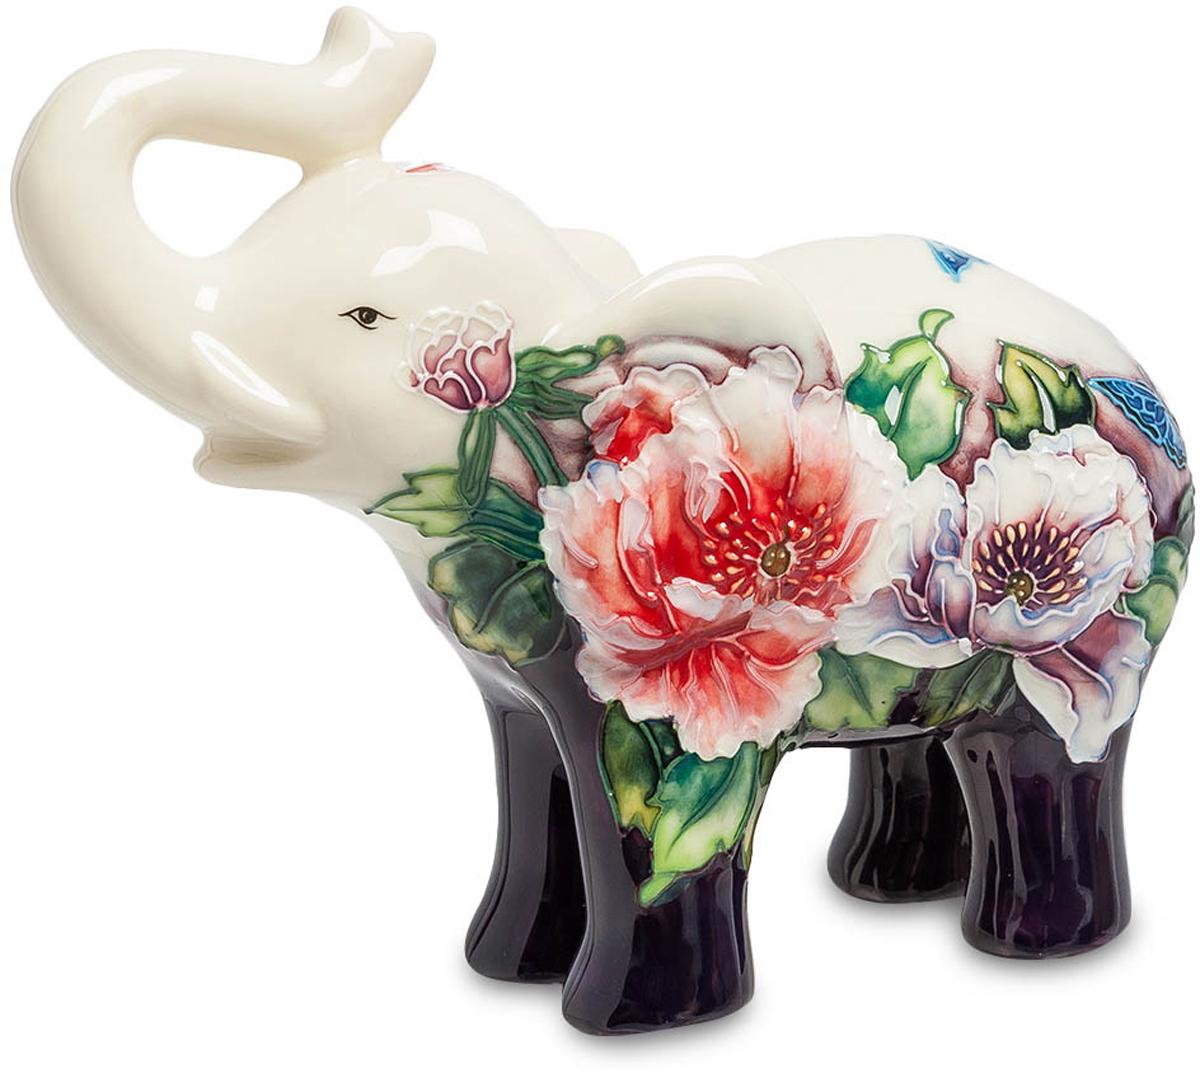 Фигурка Pavone Слон. JP-247/ 874-0120Фигурка Слона длиной 17 см.Слон - символ мудрости, проницательности, доброжелательности и долголетия. Этот презент подойдёт абсолютно каждому!